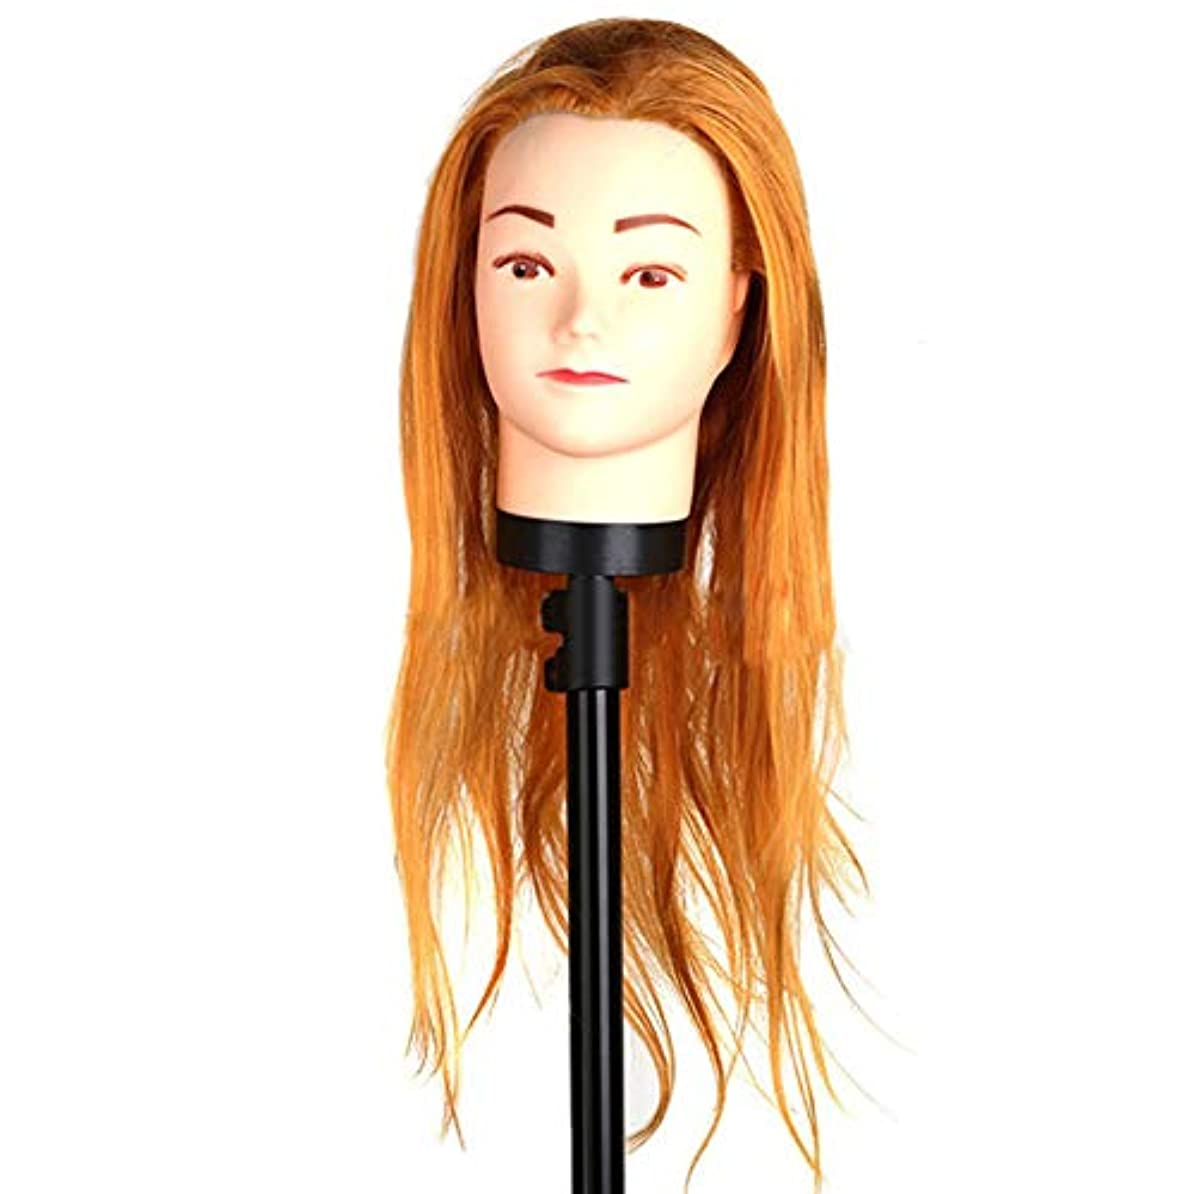 限界ギャングスター安定高温繊維かつらヘッドモールドメイクヘアスタイリングヘッドヘアーサロントレーニング学習ヘアカットデュアルユースダミー人間の頭